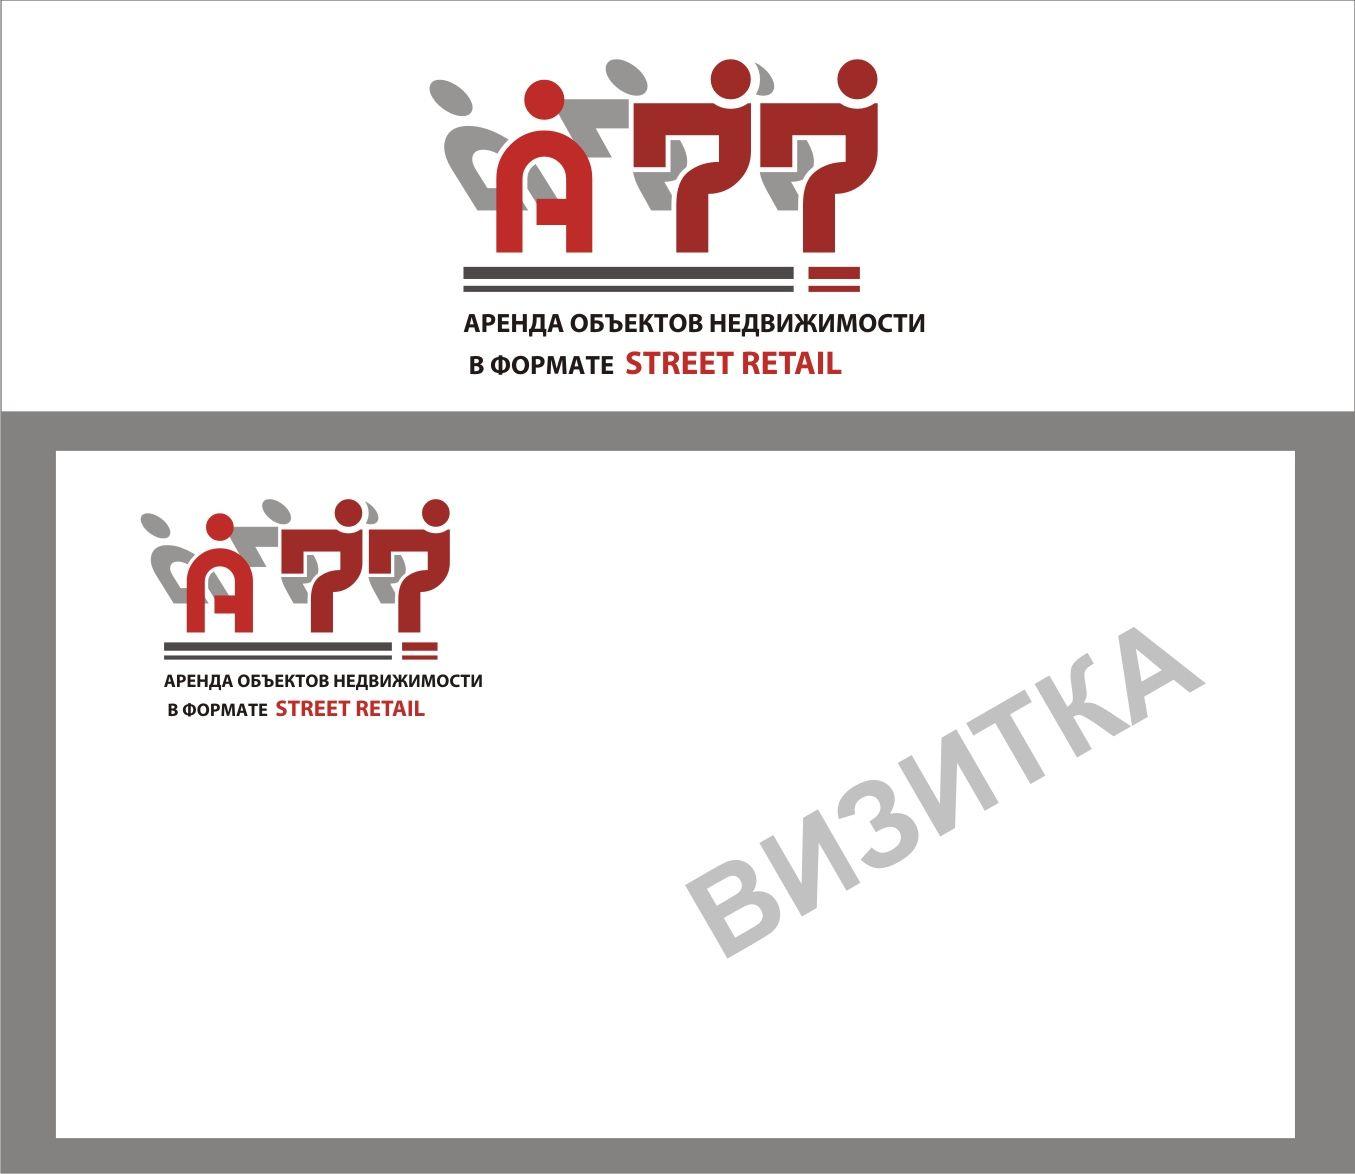 Лого для сайта по коммерческой недвижимости A77.RU - дизайнер LiXoOnshade